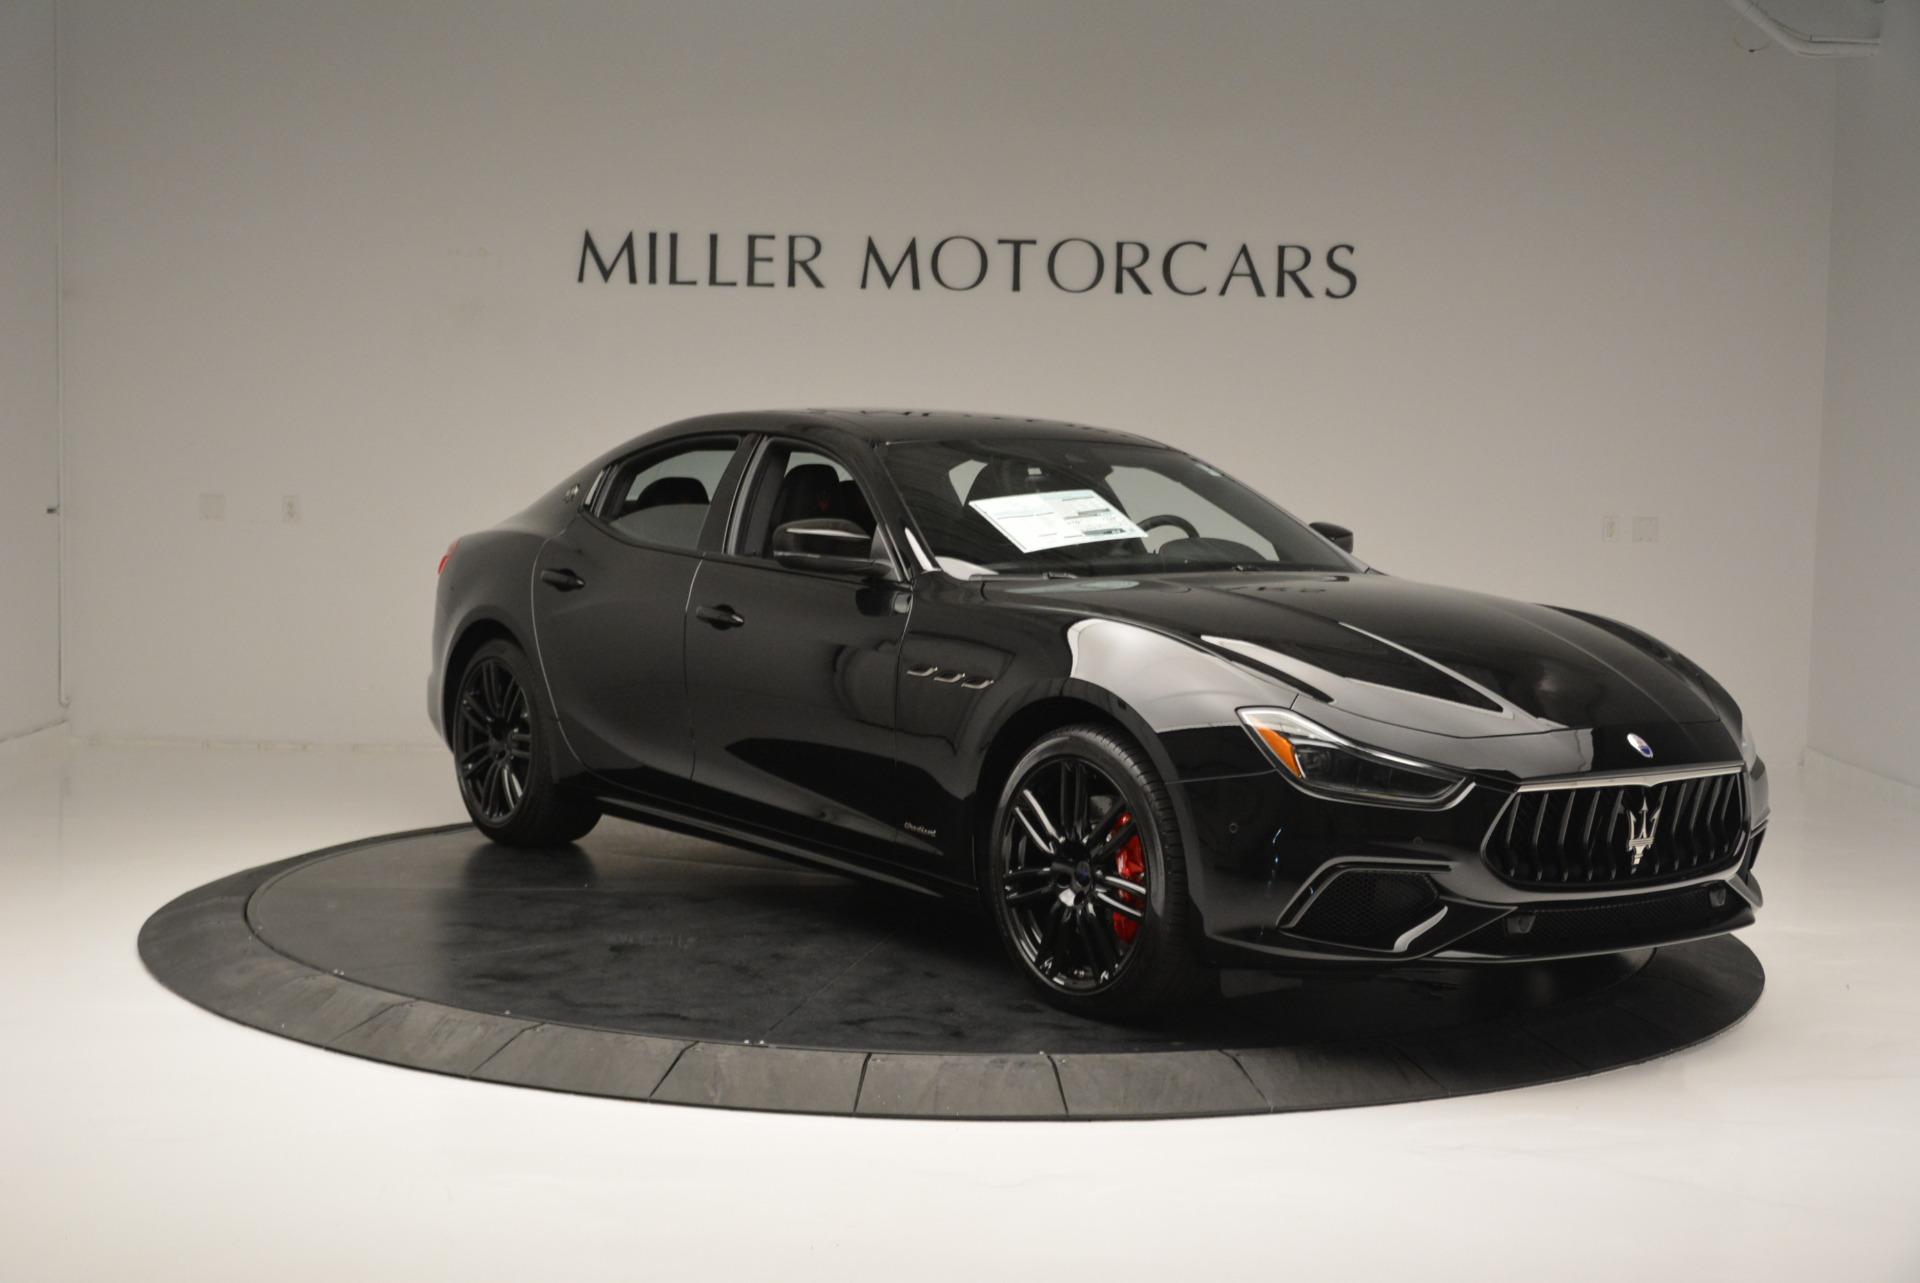 New 2018 Maserati Ghibli SQ4 GranSport Nerissimo For Sale 0 In Greenwich, CT